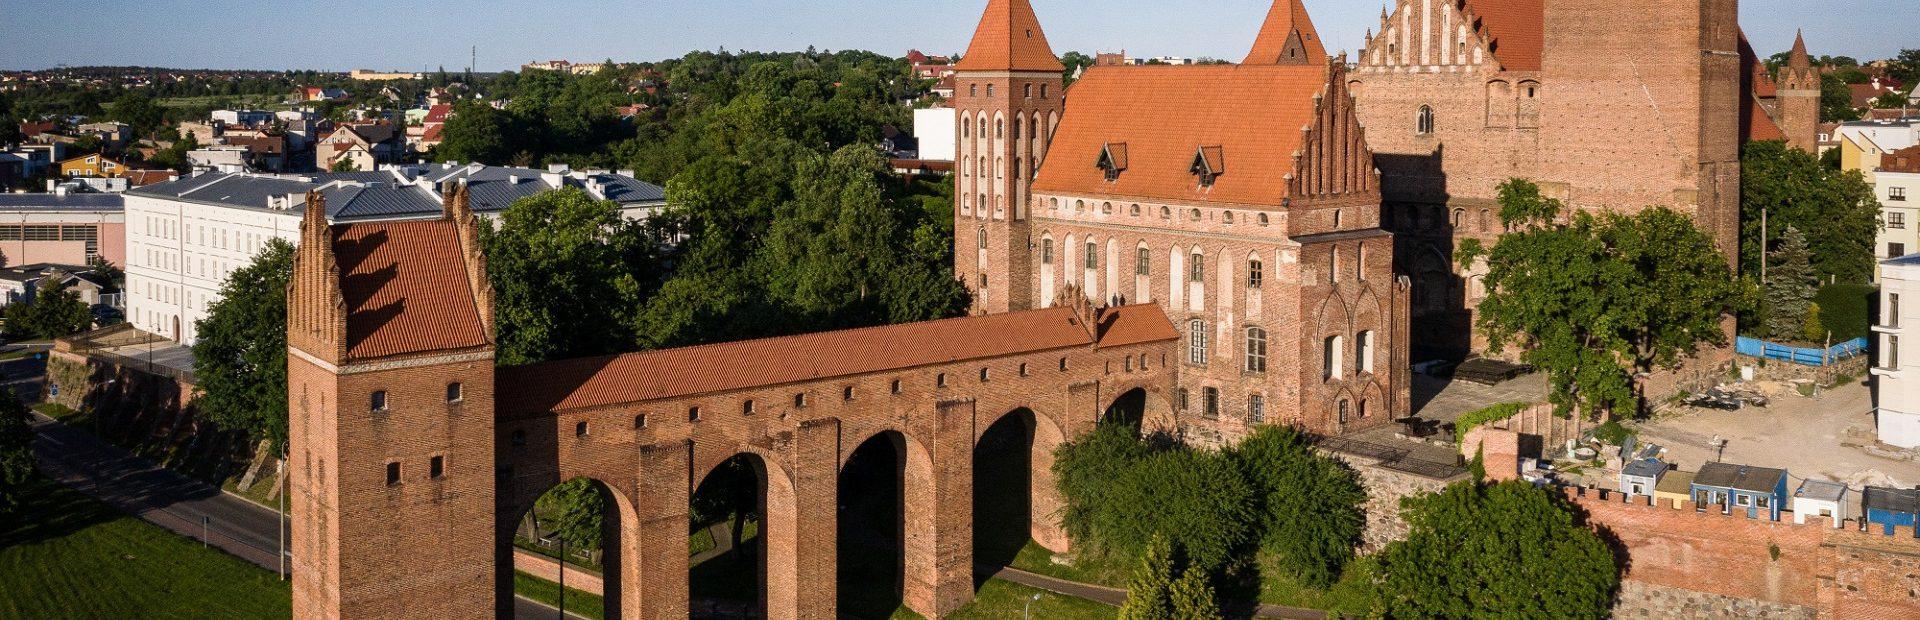 The Castle Museum in Kwidzyn